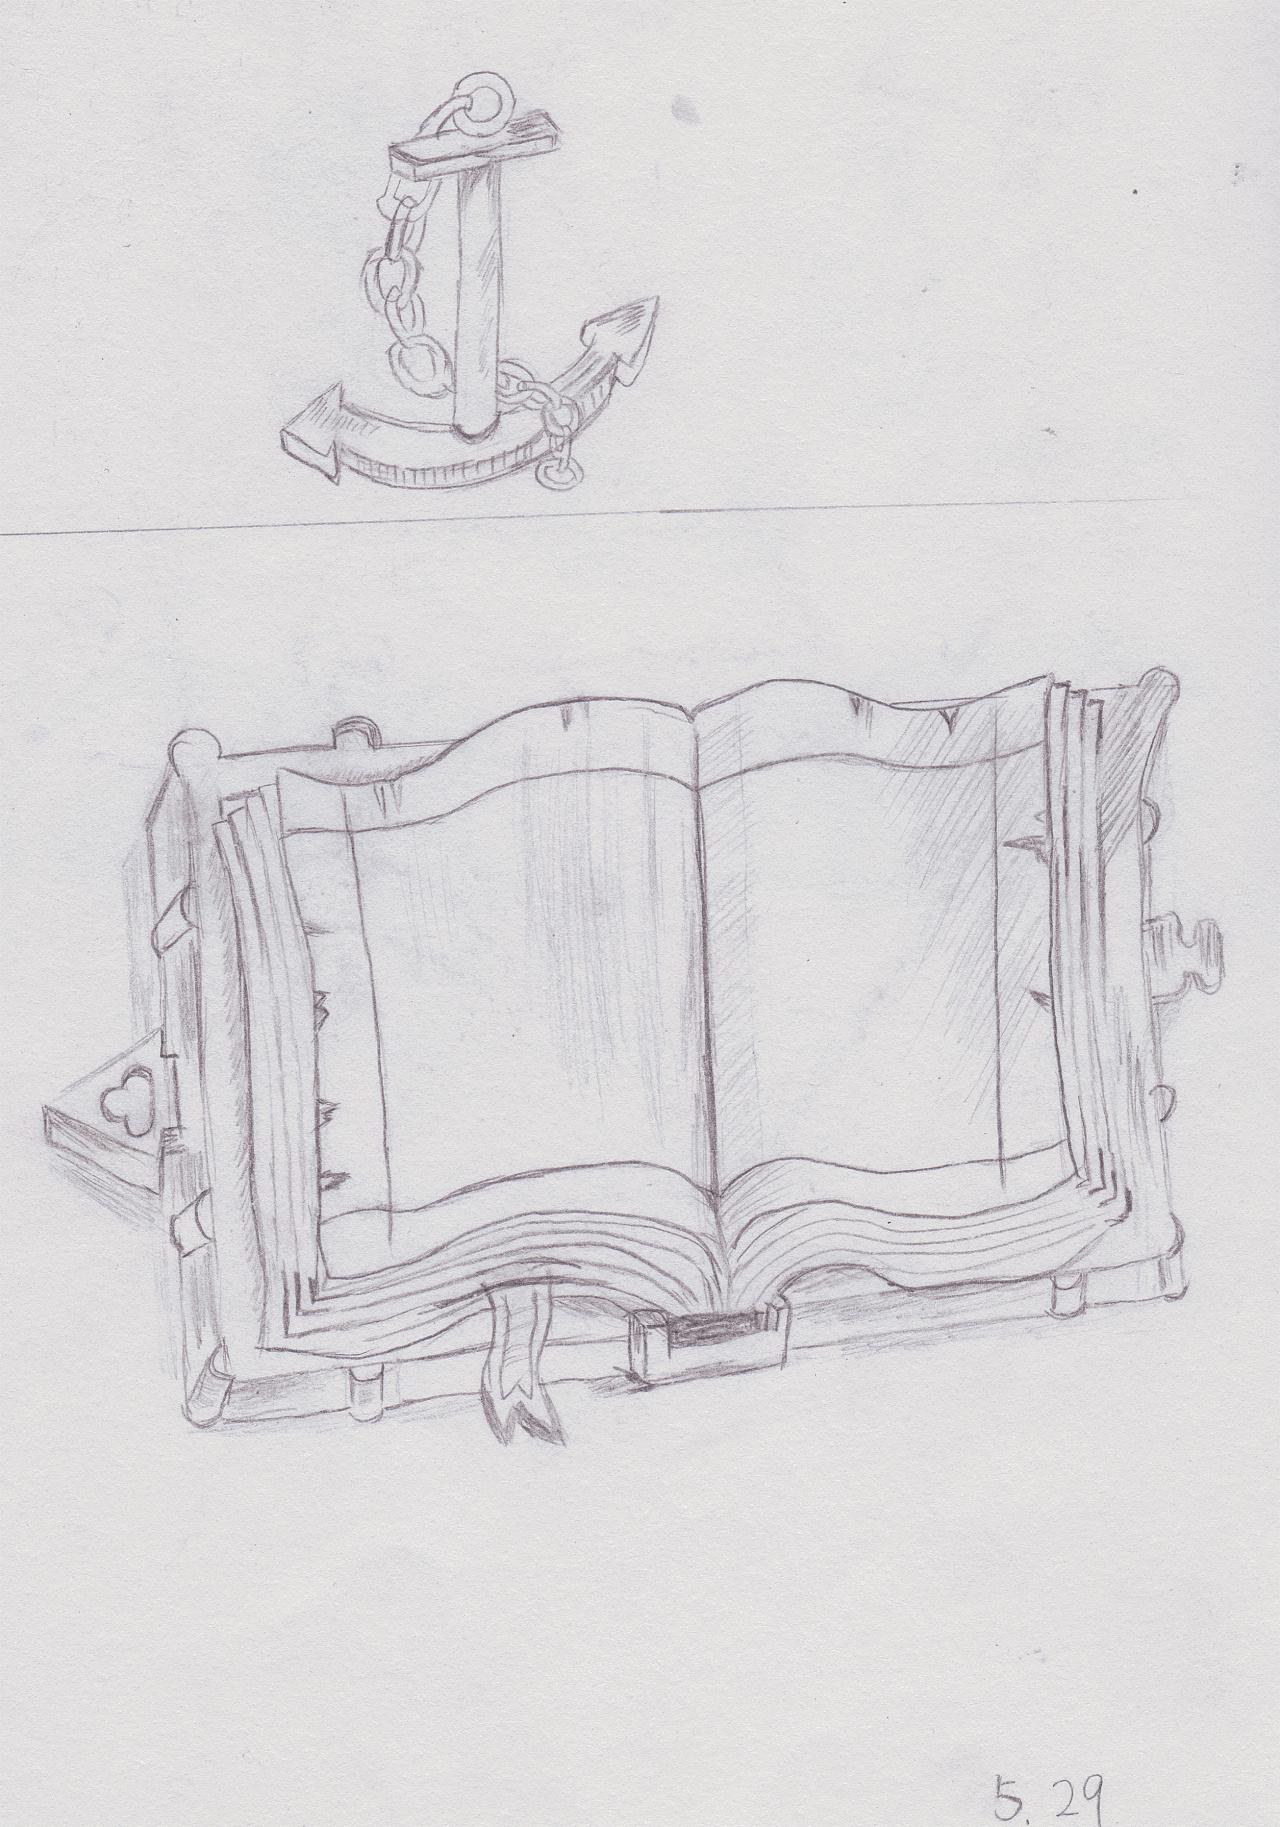 简笔画 手绘 素描 线稿 1280_1827 竖版 竖屏